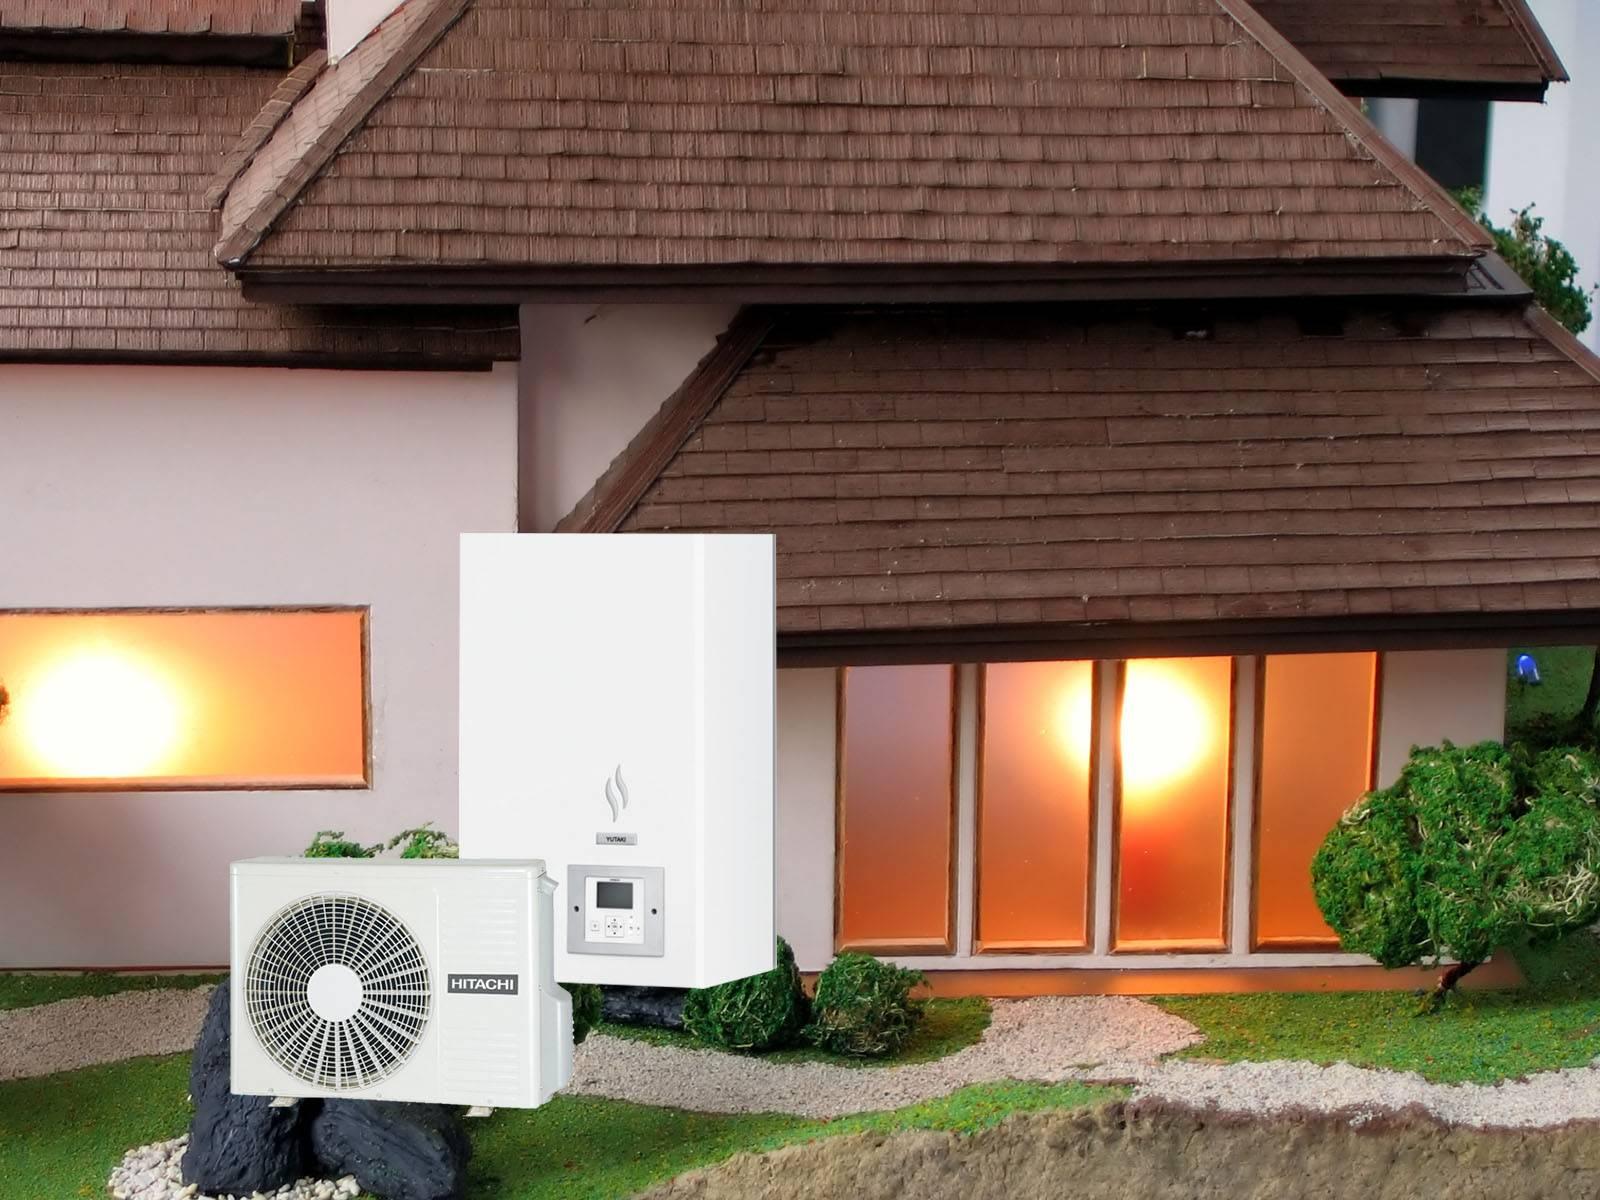 Альтернативное отопление дома: виды, особенности установки и эксплуатации в частных домах